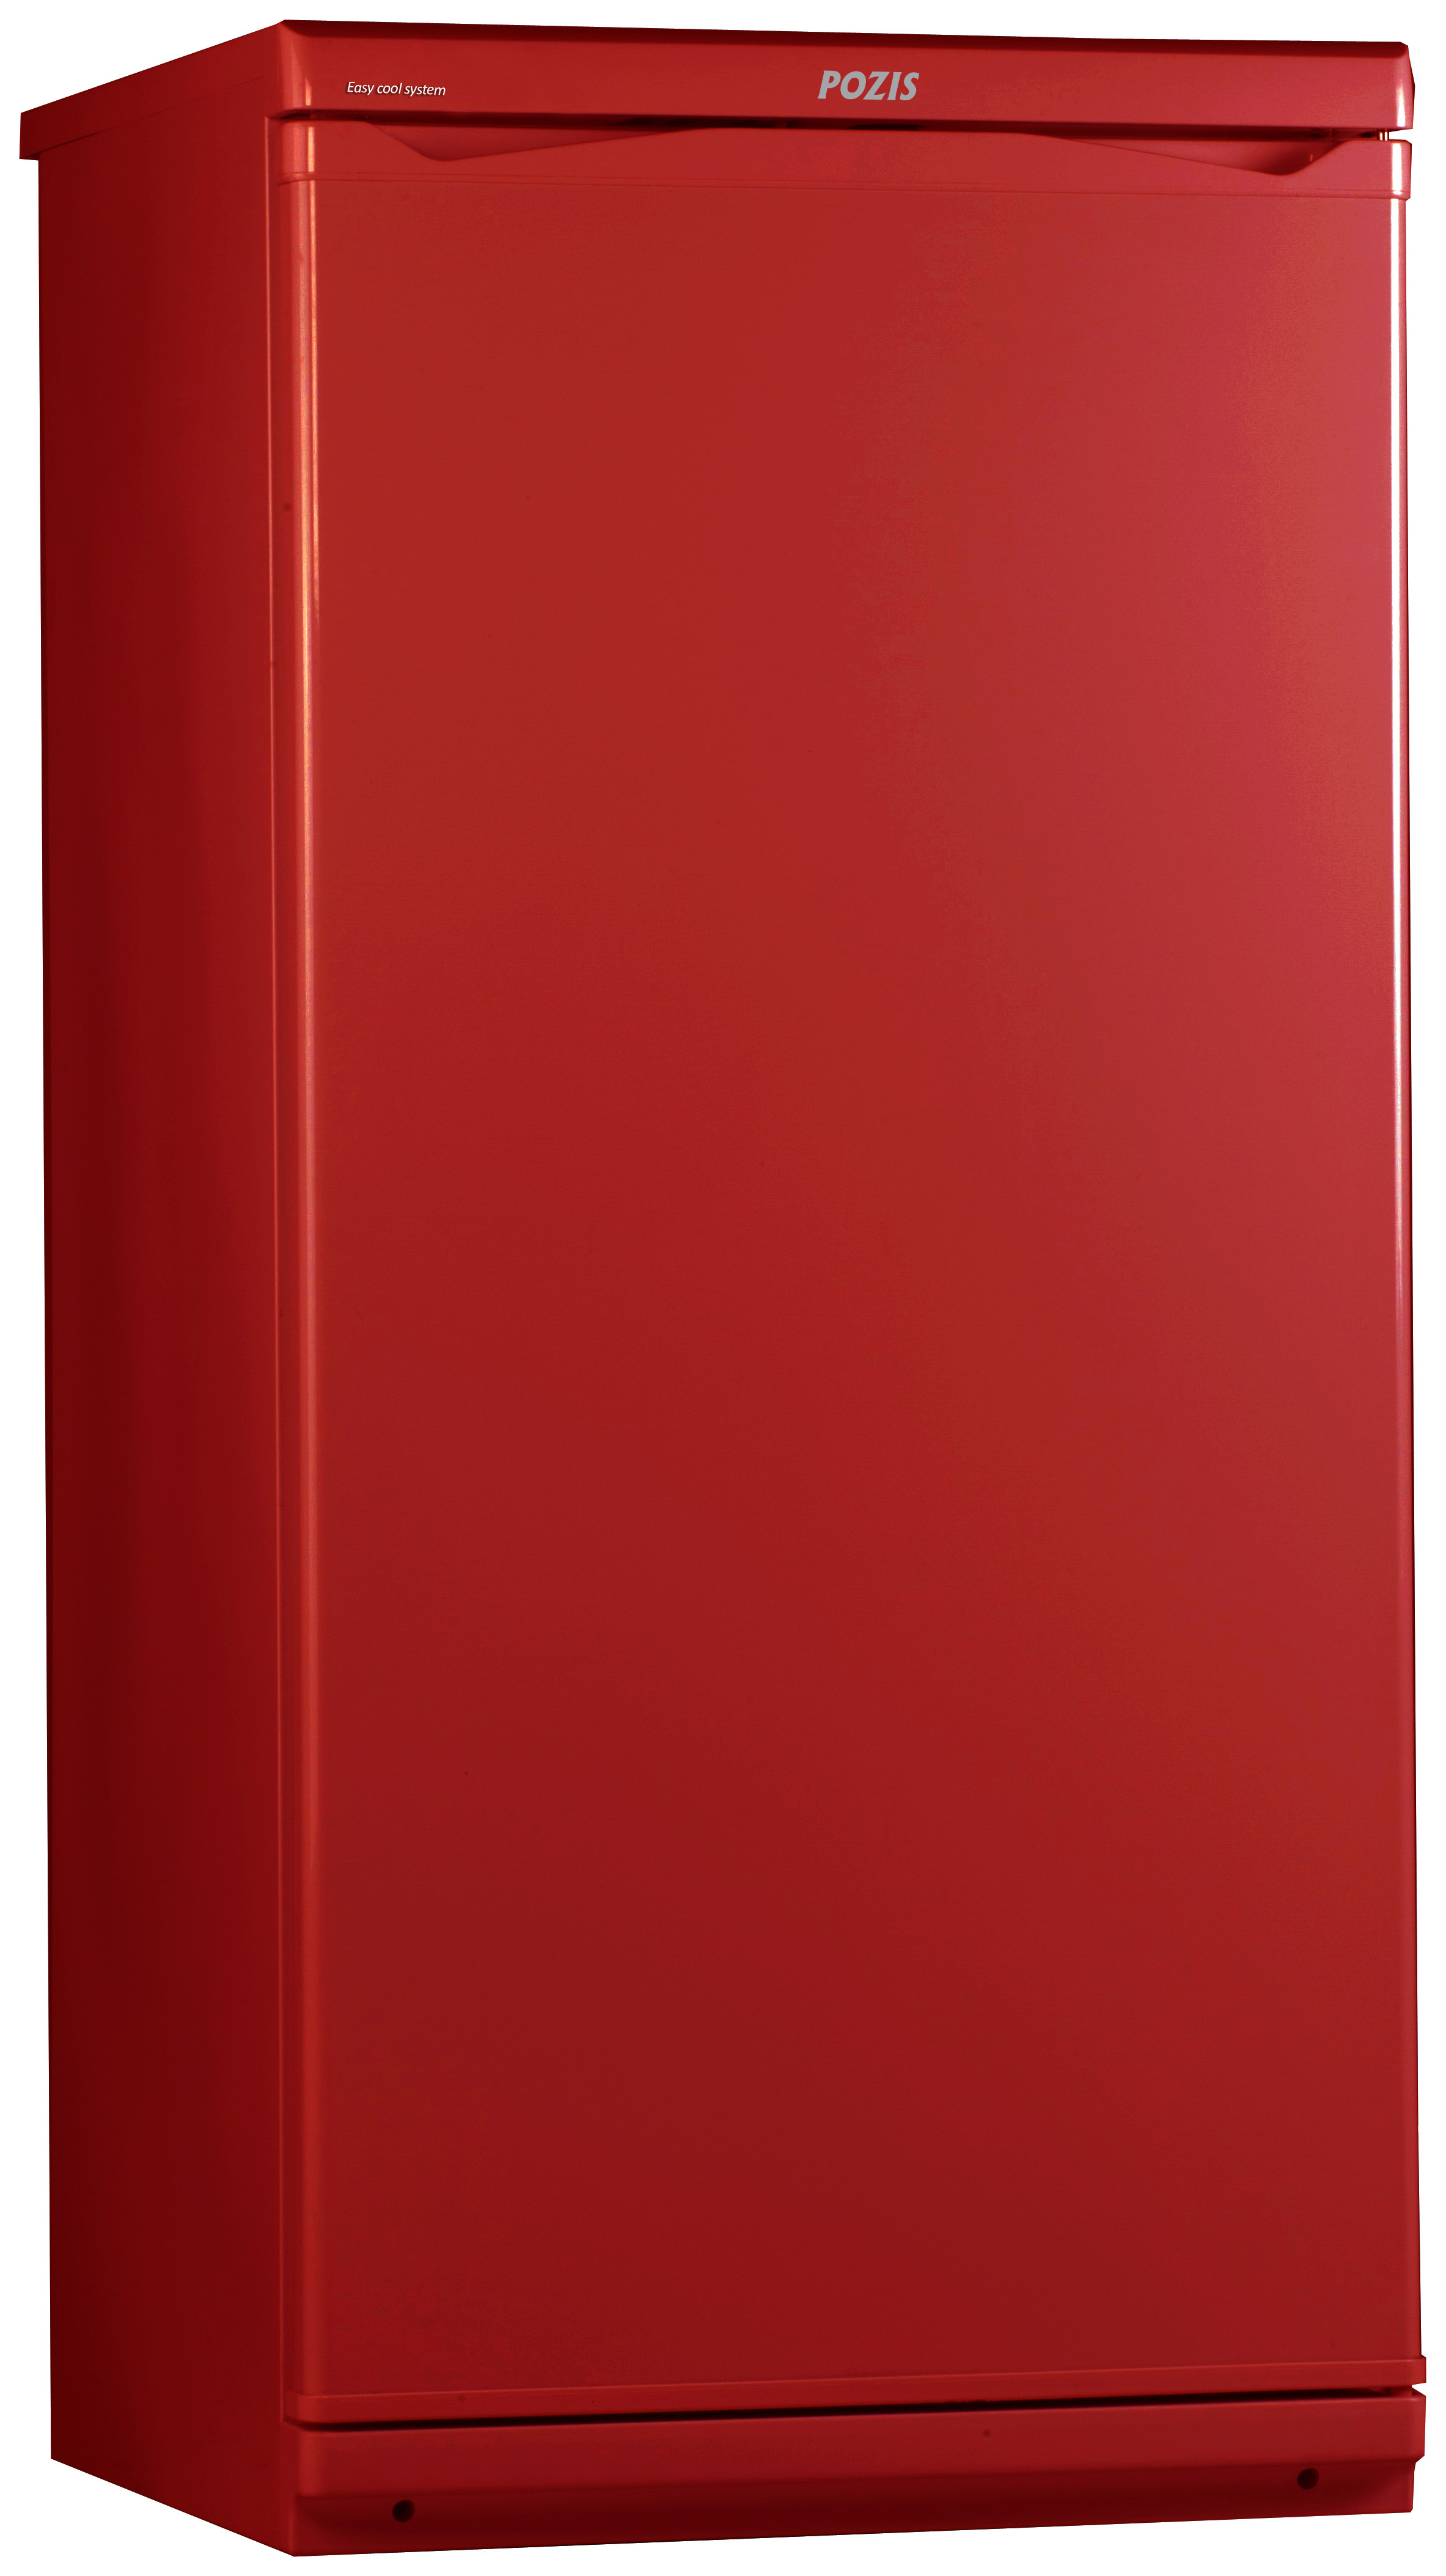 5 лучших капельных холодильников